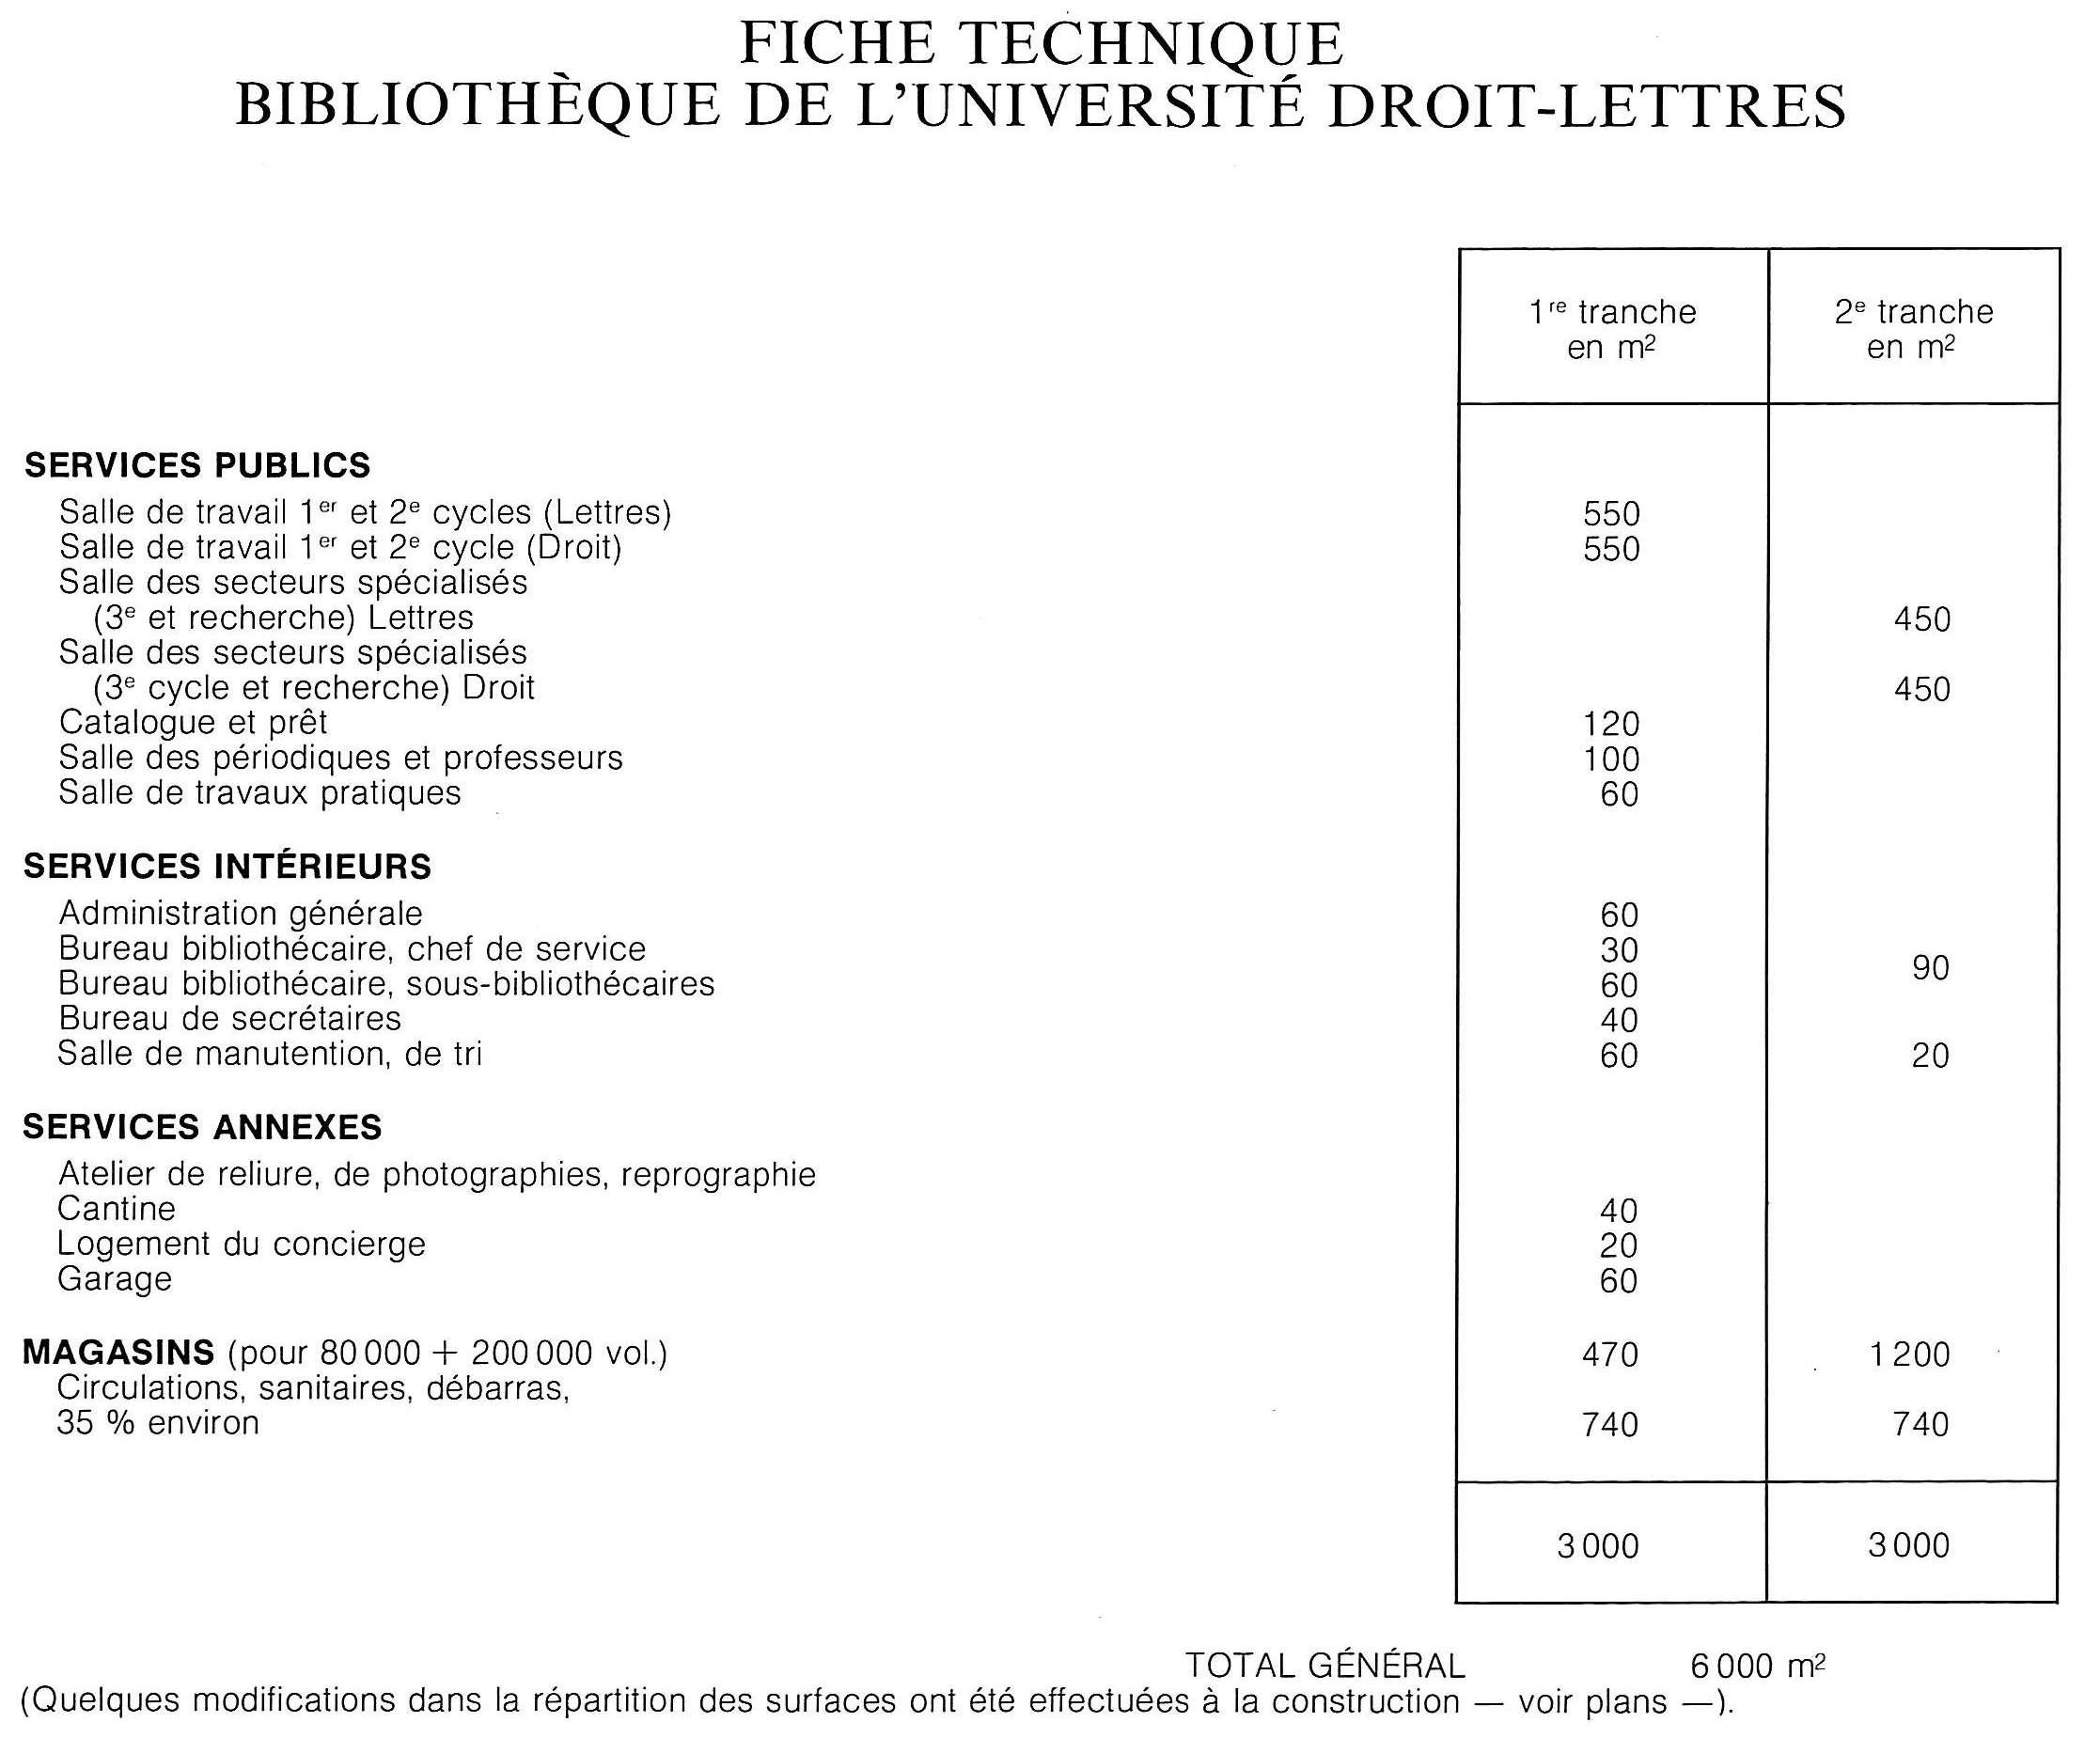 Dissertation index international